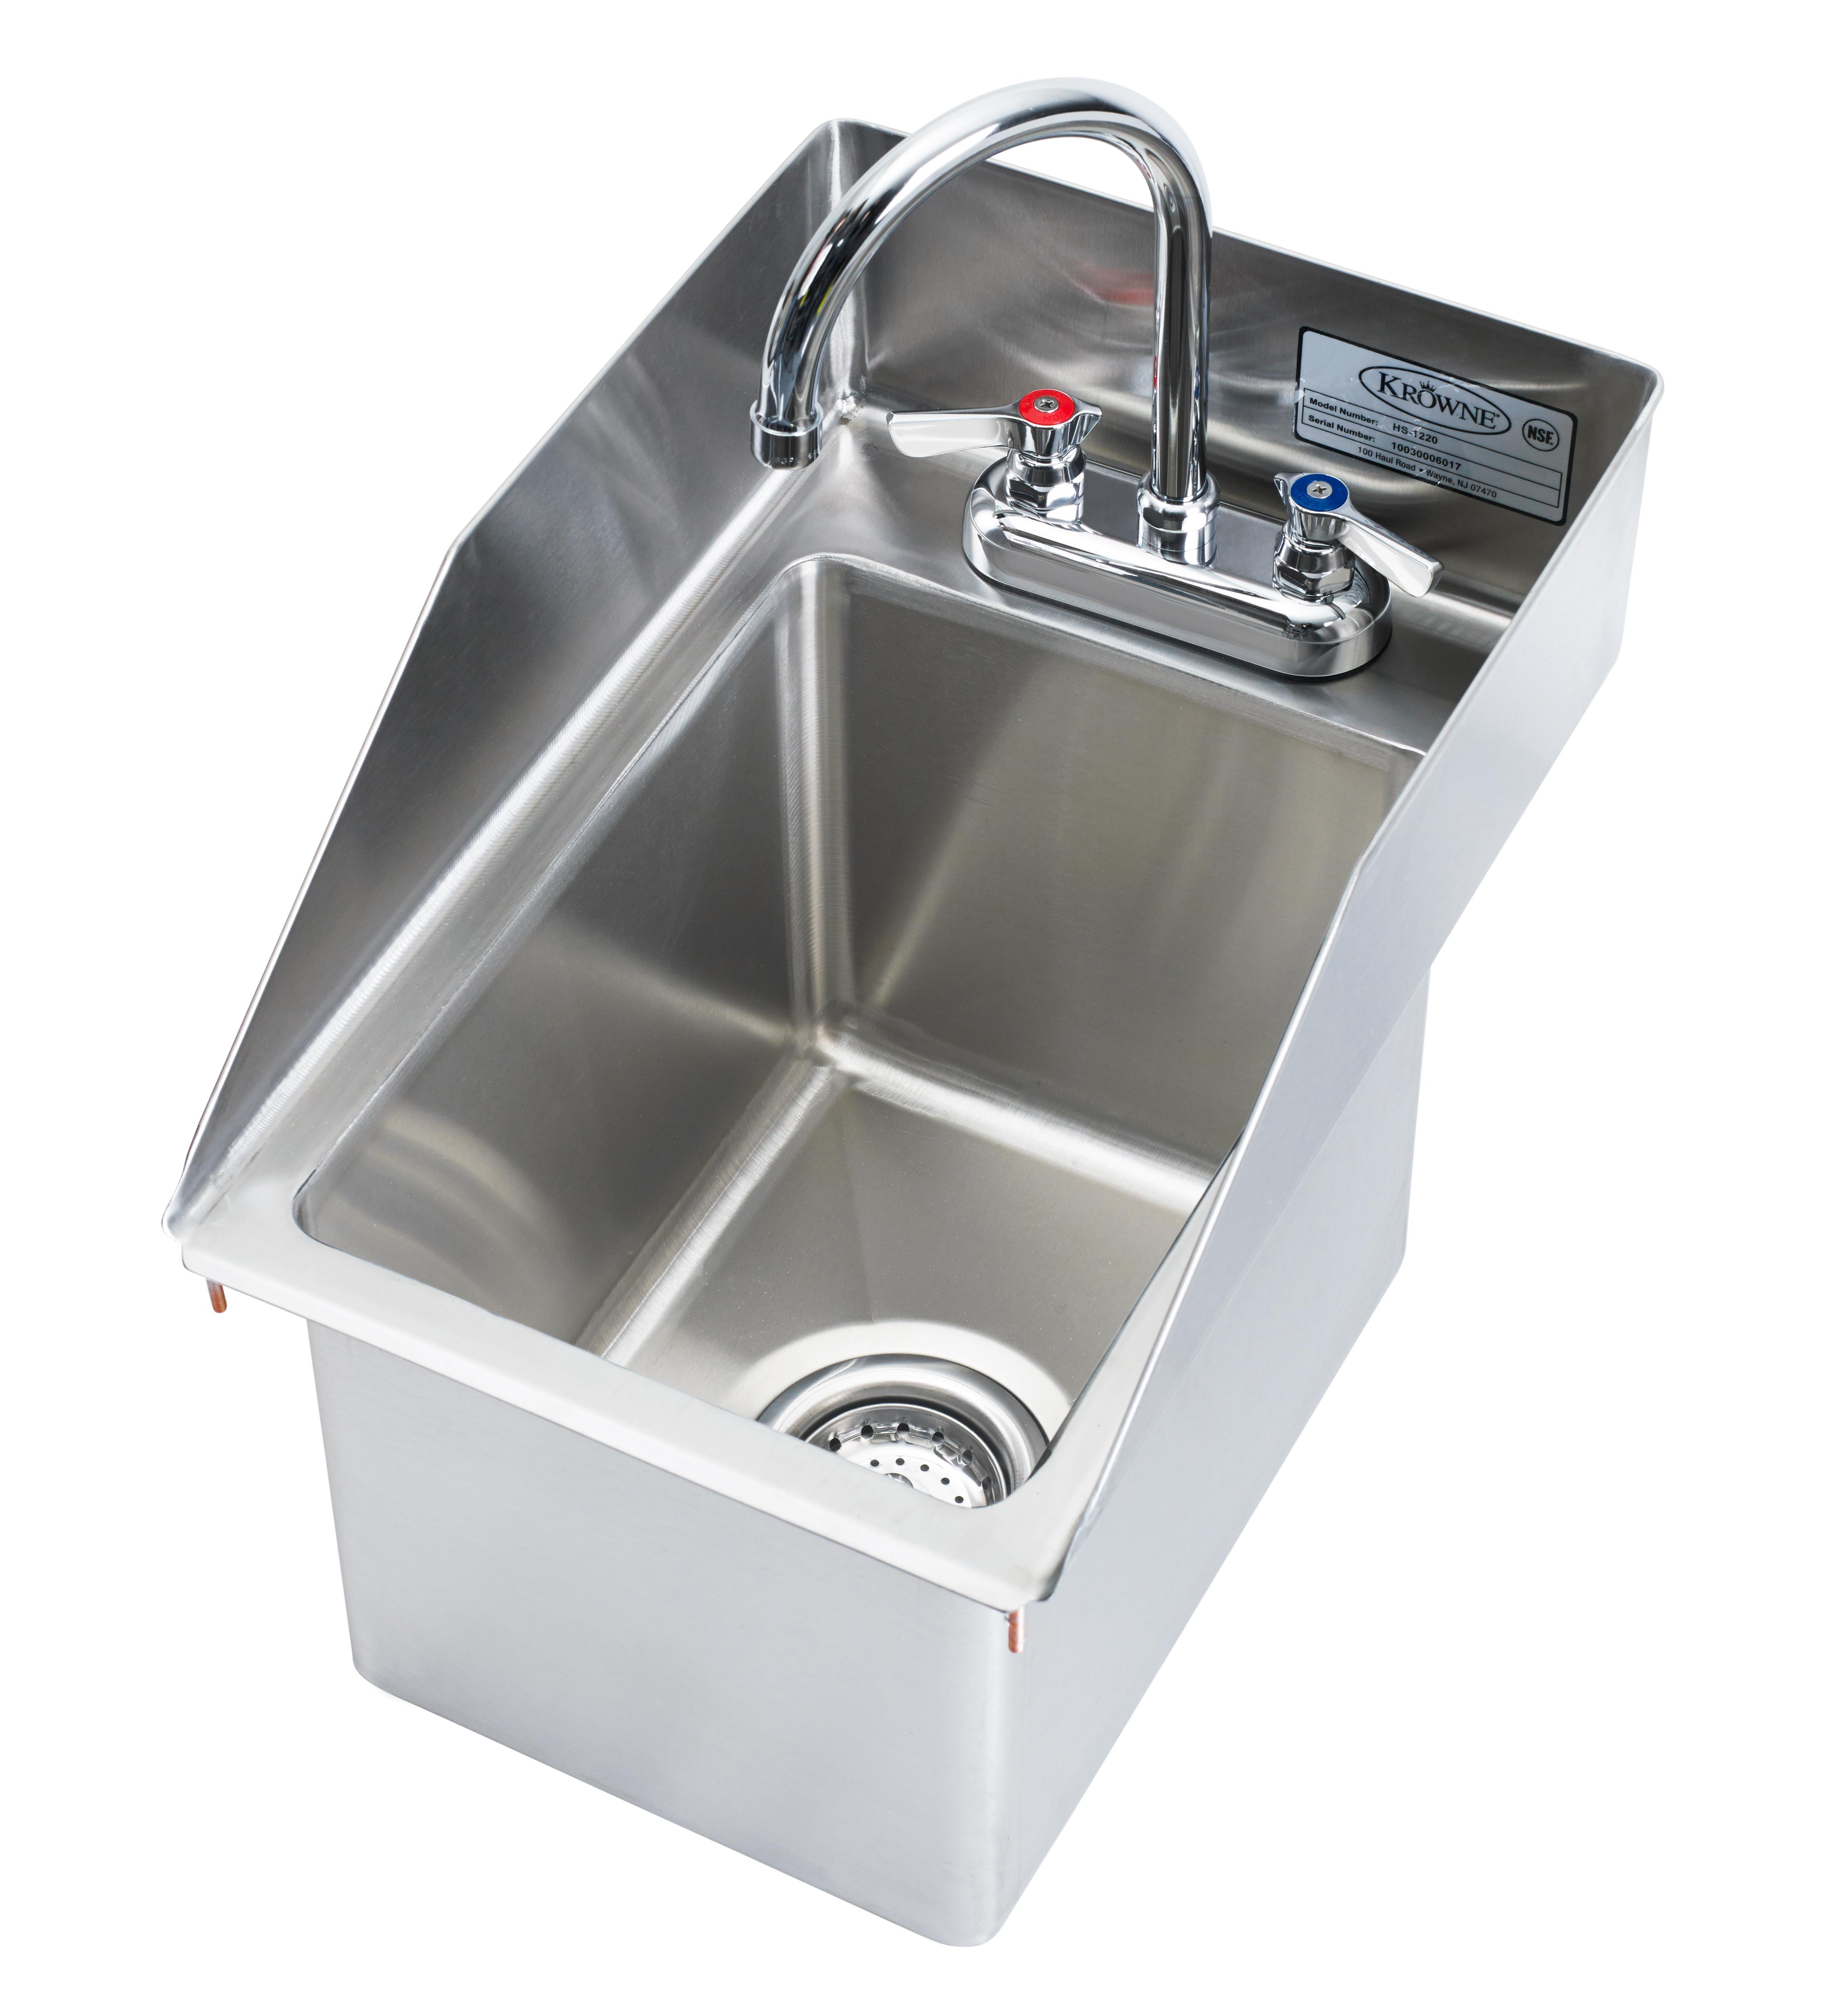 Krowne Metal HS-1220 sink, hand